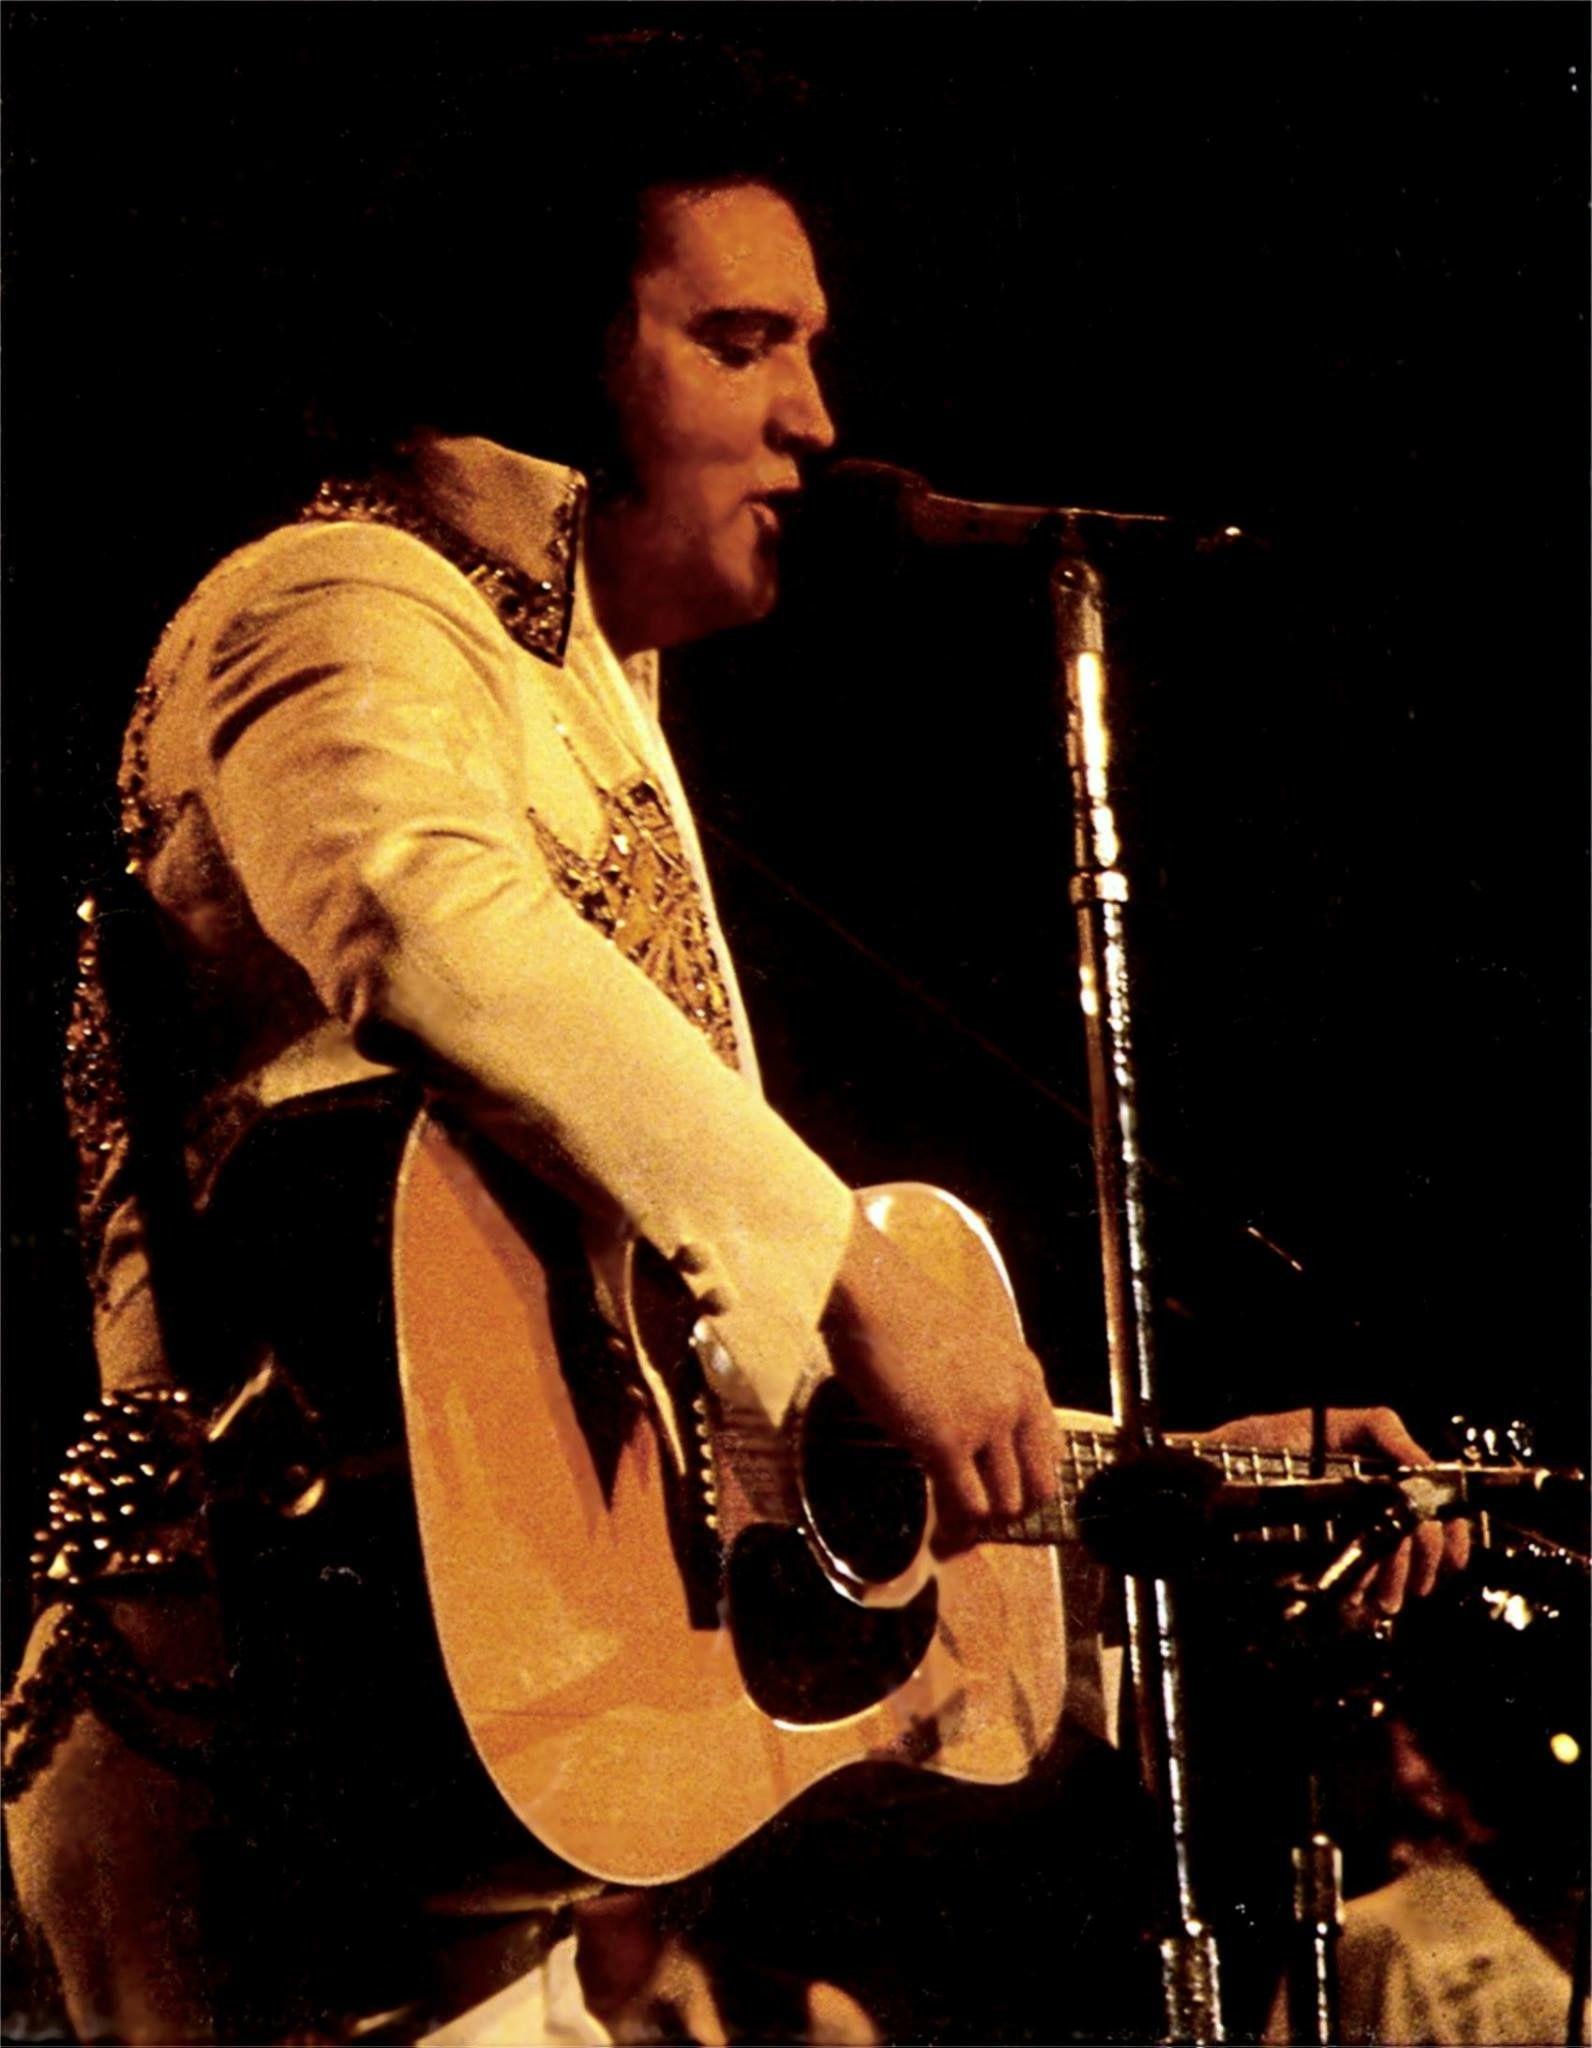 1977 100 dollar bill security features - Elvis Rapid City June 21 1977 Elvis In Concert Cbs Tv Special